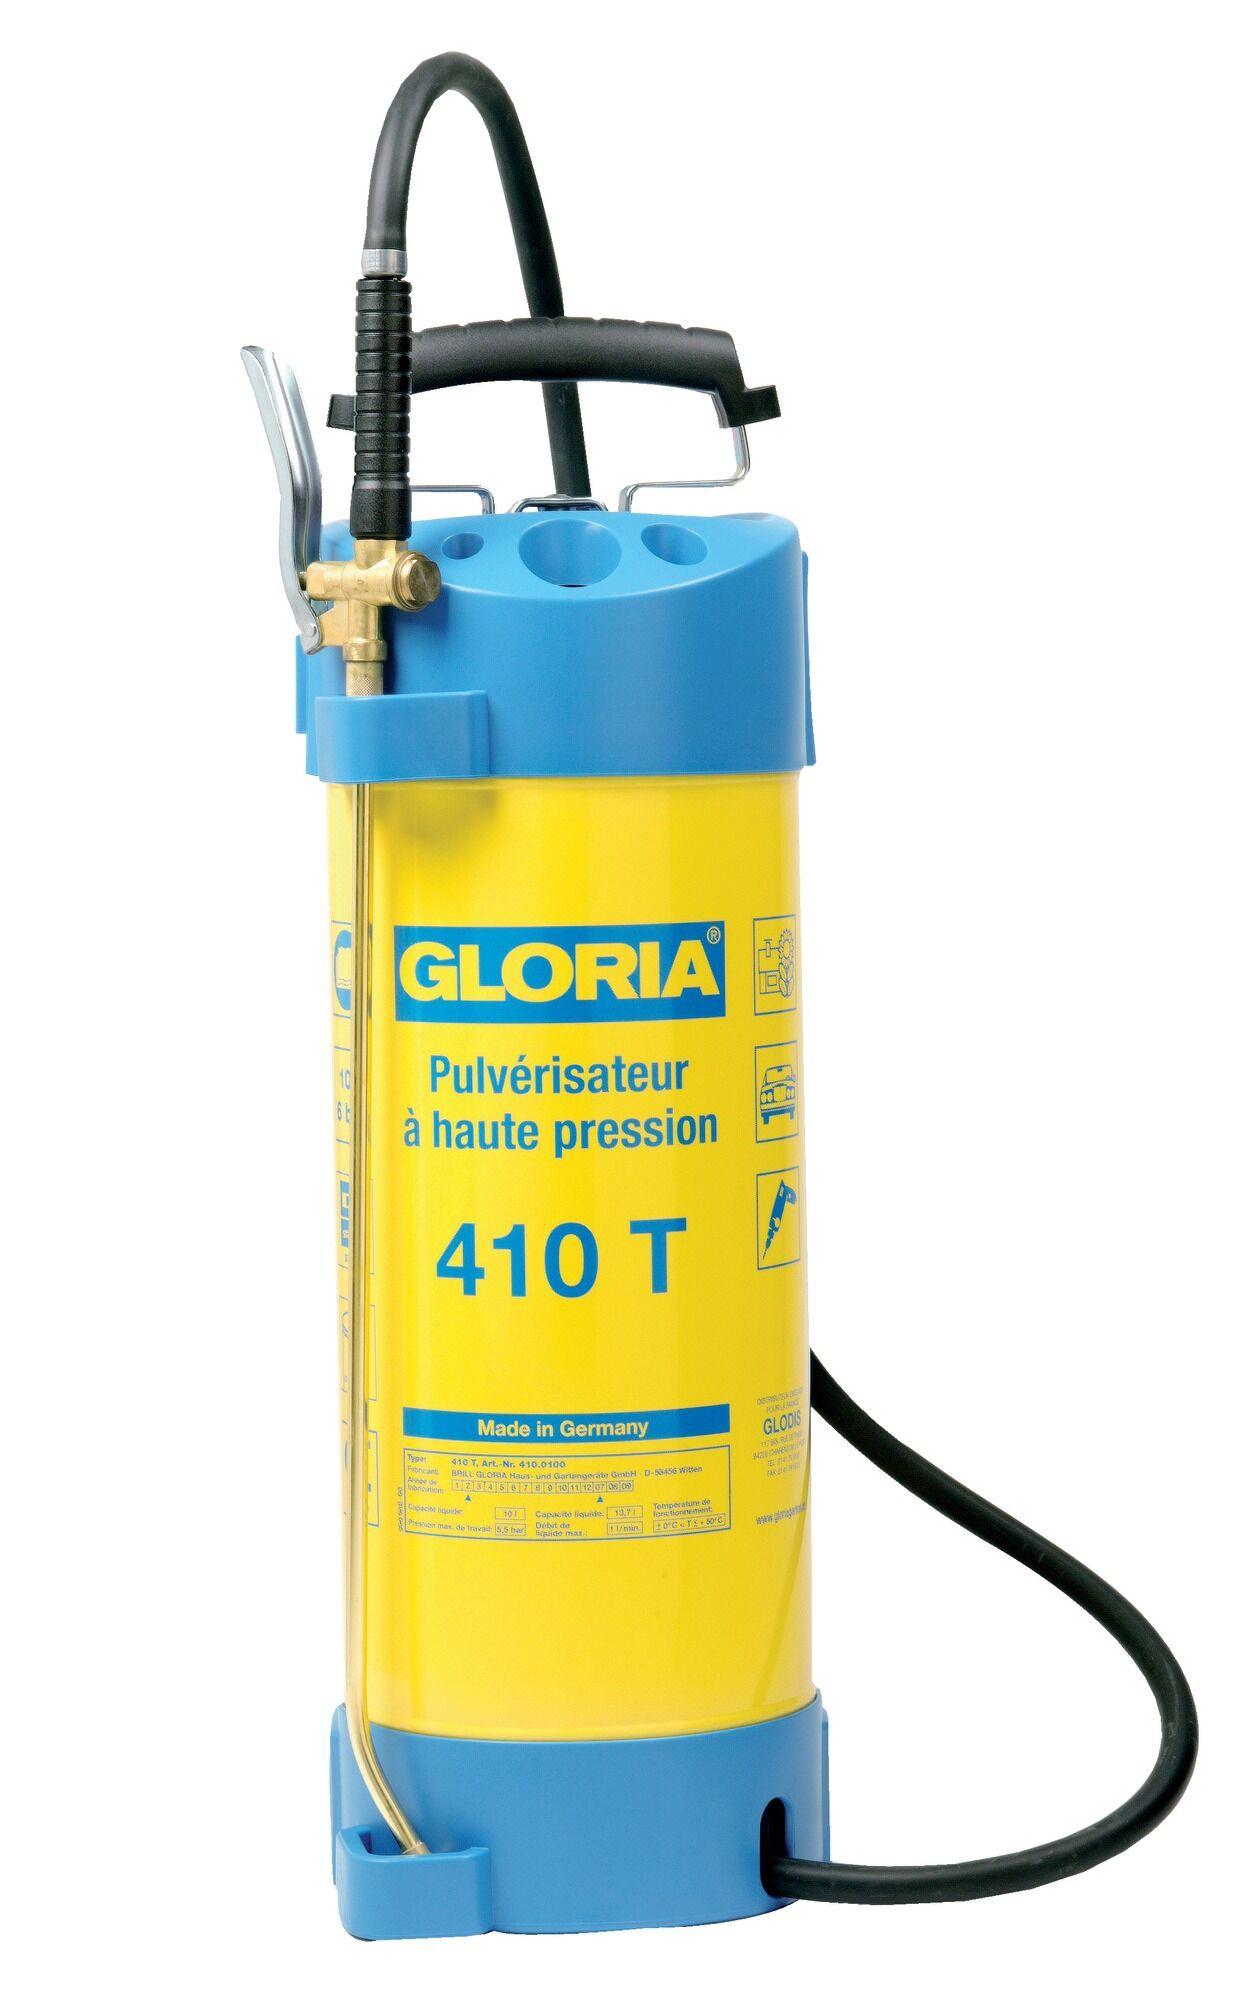 GLORIA Pulvérisateur cuve galva 10 litres - GLORIA - 410T